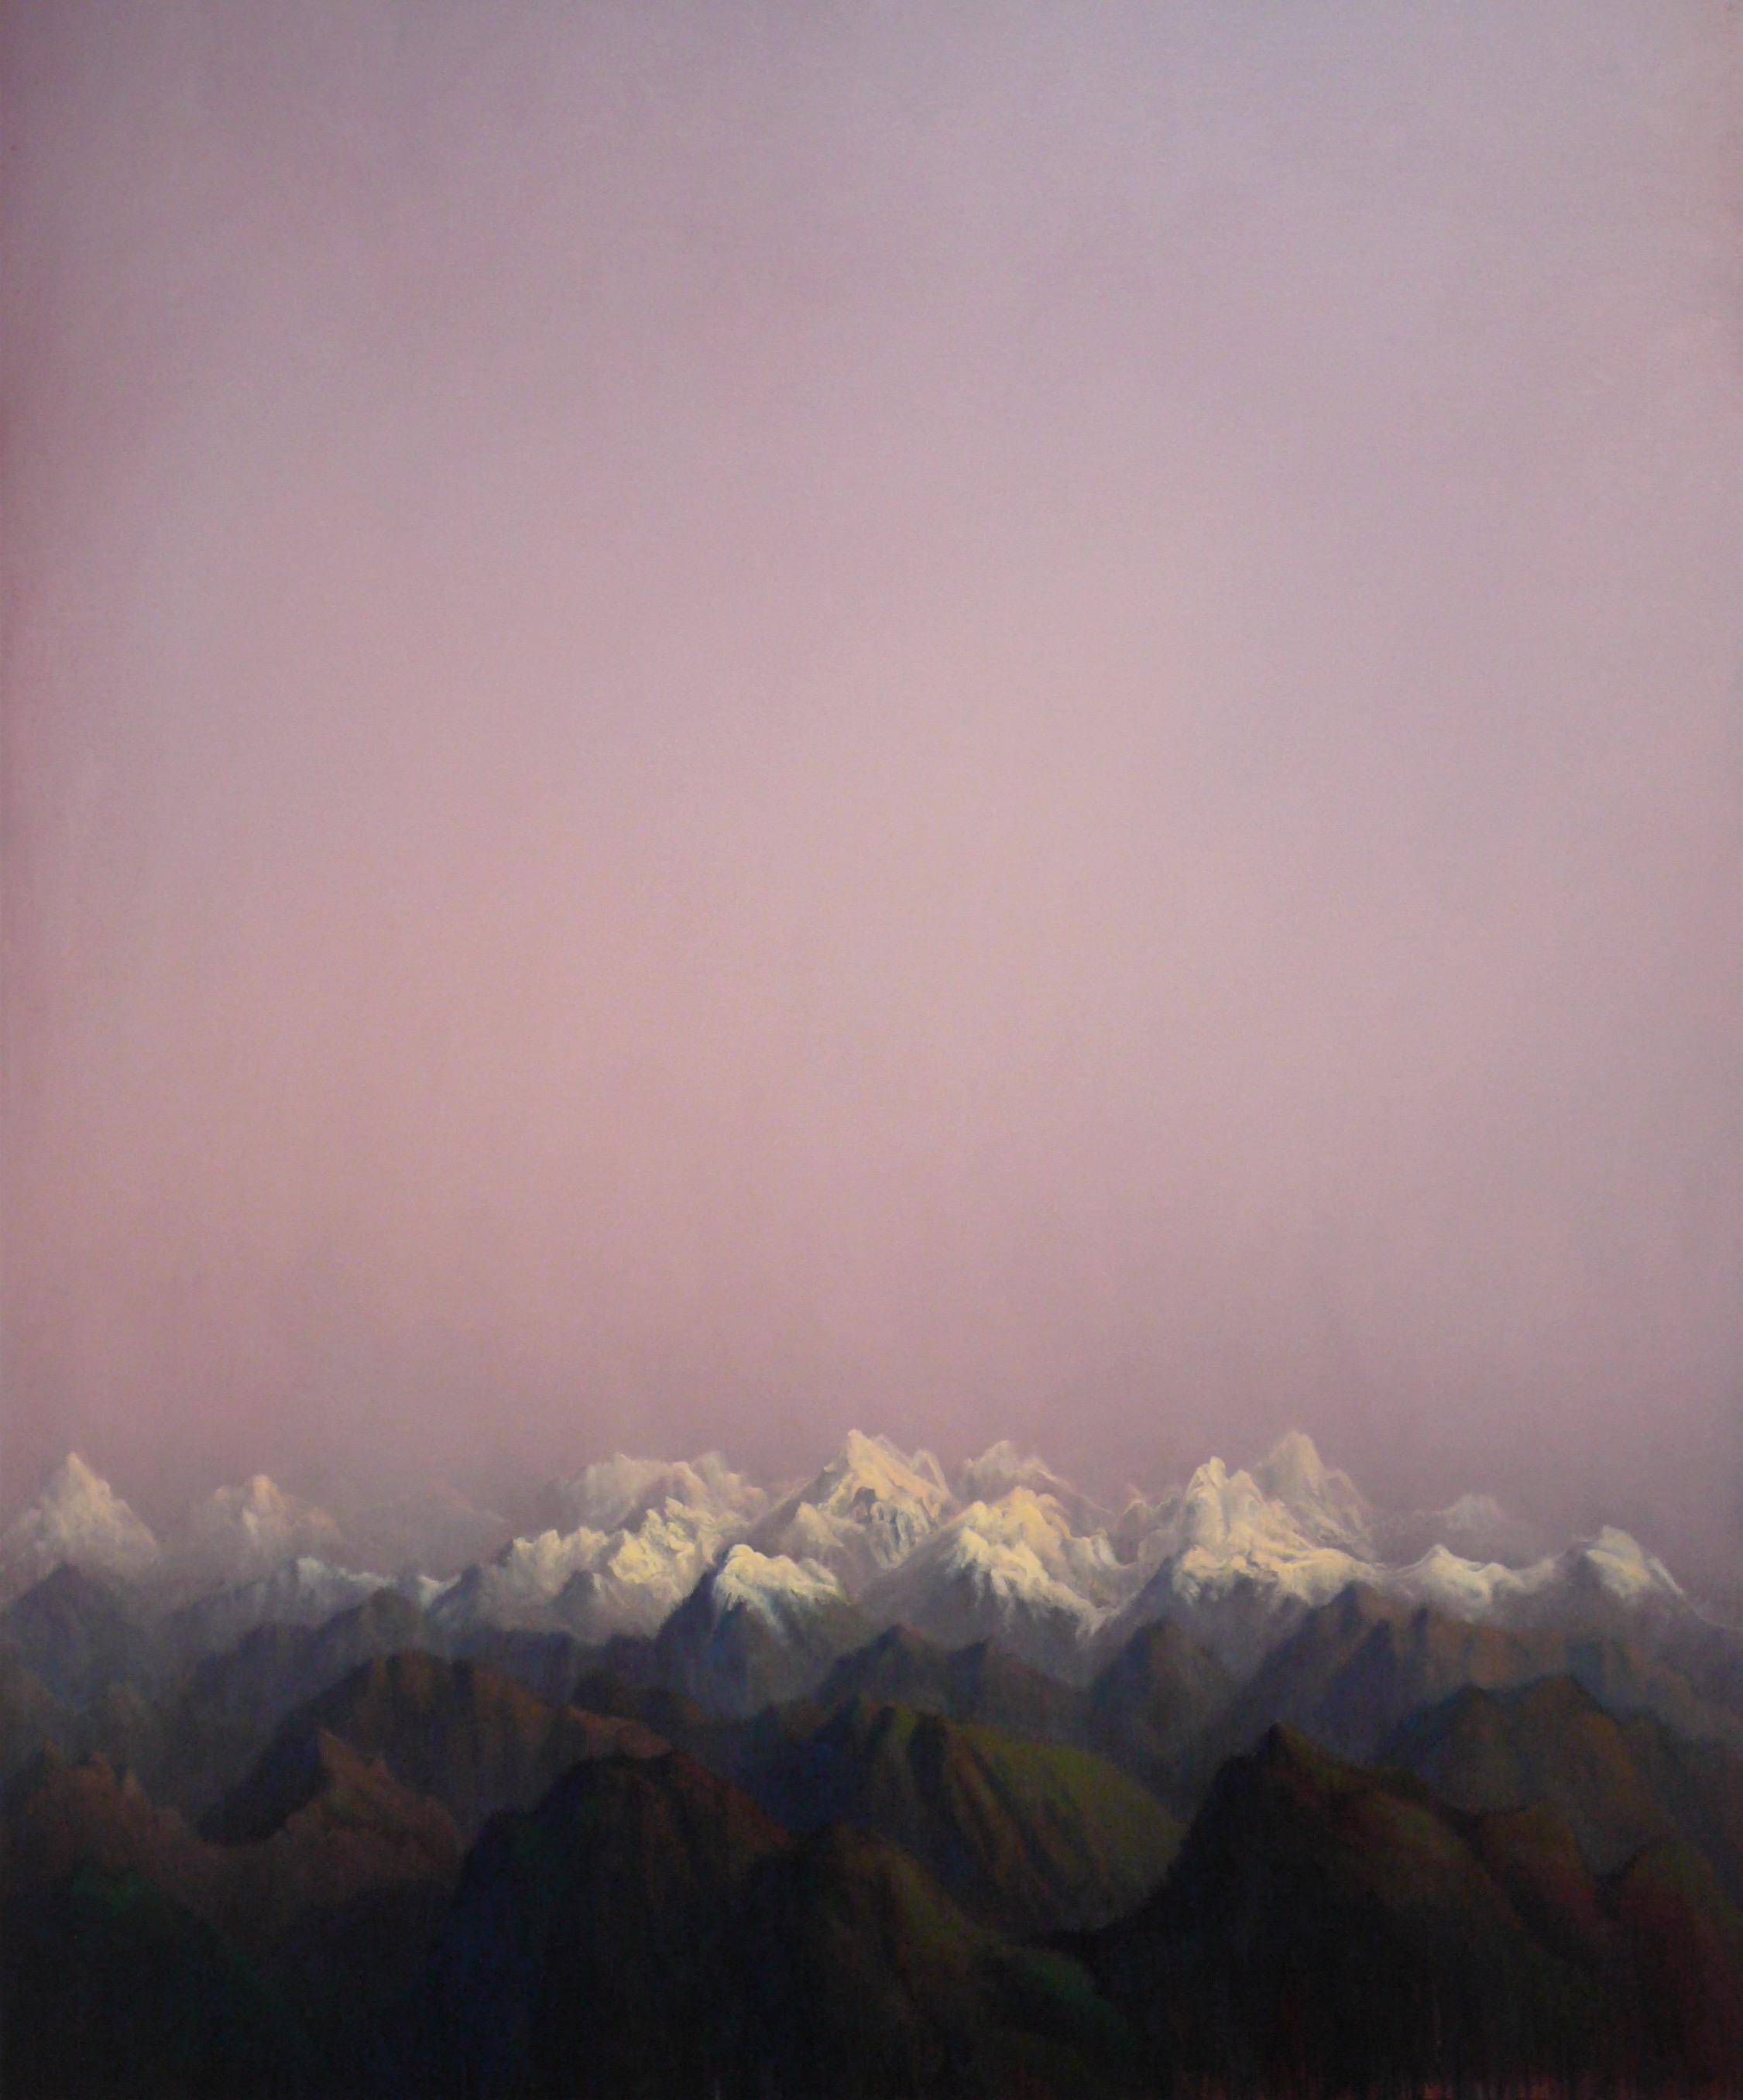 Tobit Roche: Himalayan Landscape No.7